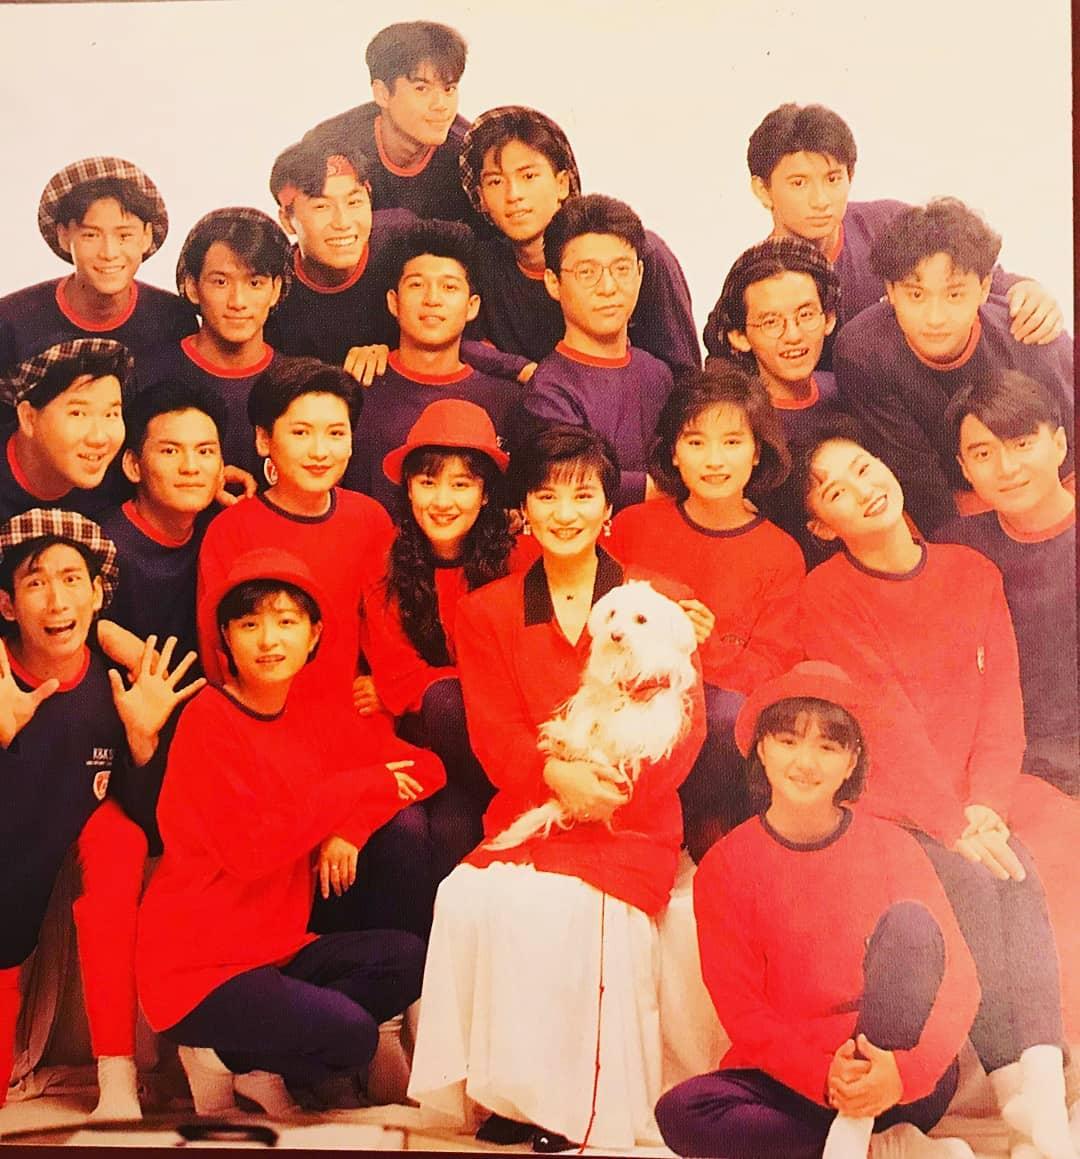 黃子佼秀出早年照片,驚見滿滿當年的偶像團體。